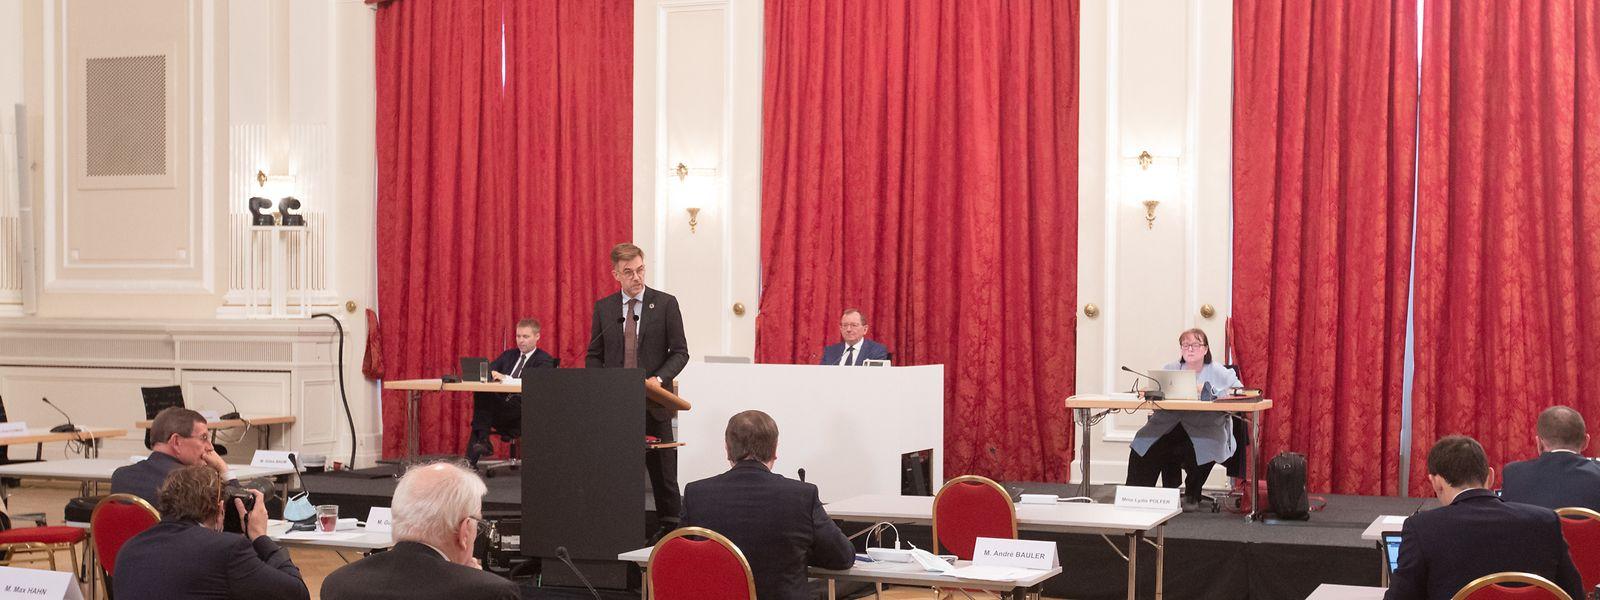 Am Mittwochnachmittag debattiert die Chamber über die angepassten Covid-Maßnahmen.